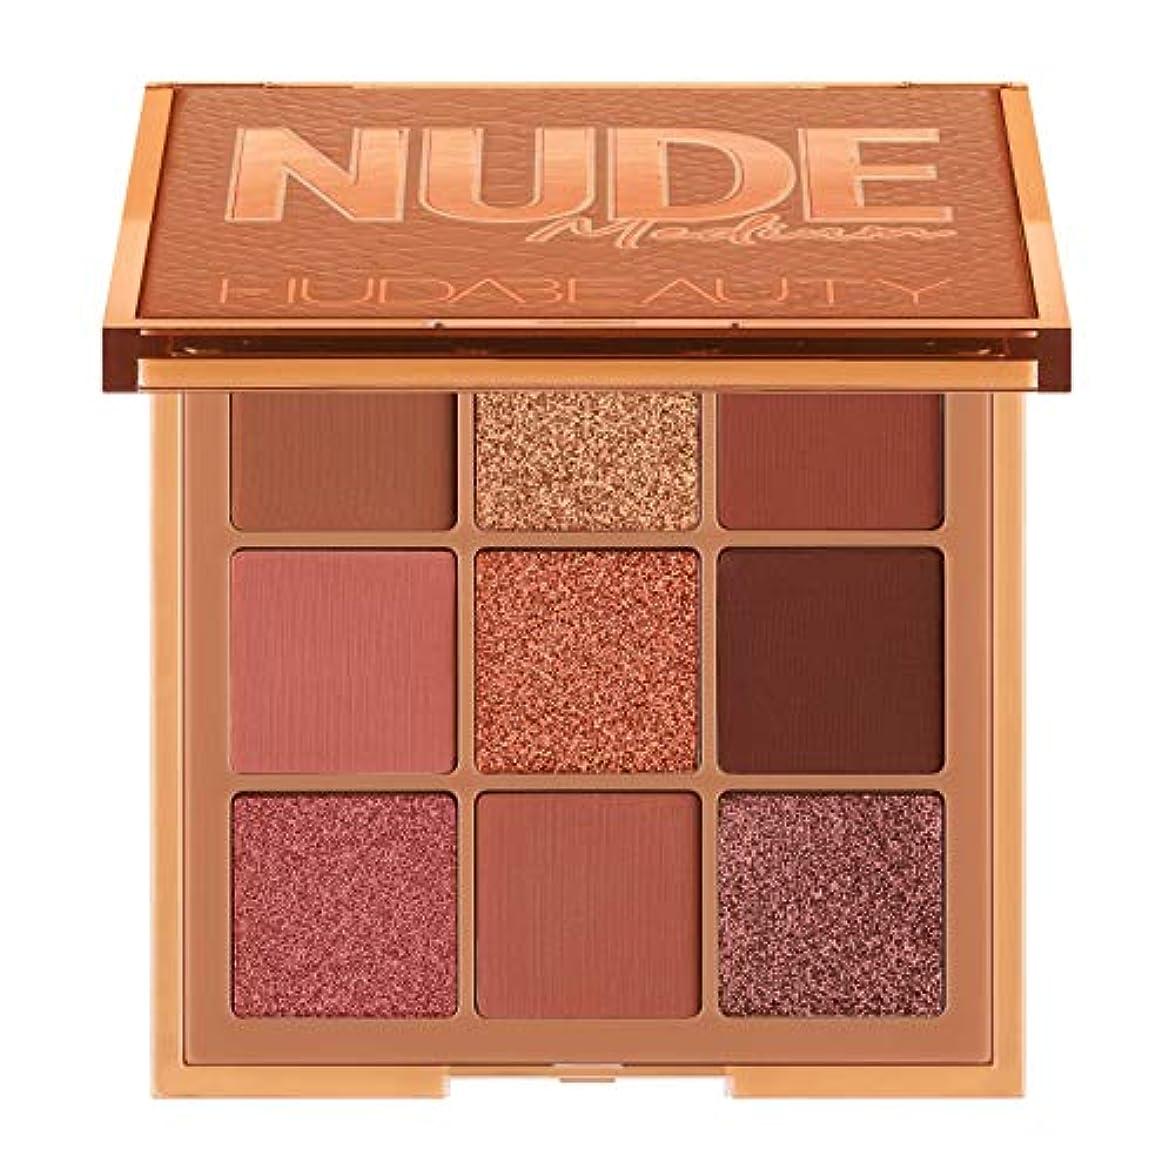 成功したスポットセンチメートルHUDA BEAUTY Nude Obsessions Eyeshadow Palette Nude Medium